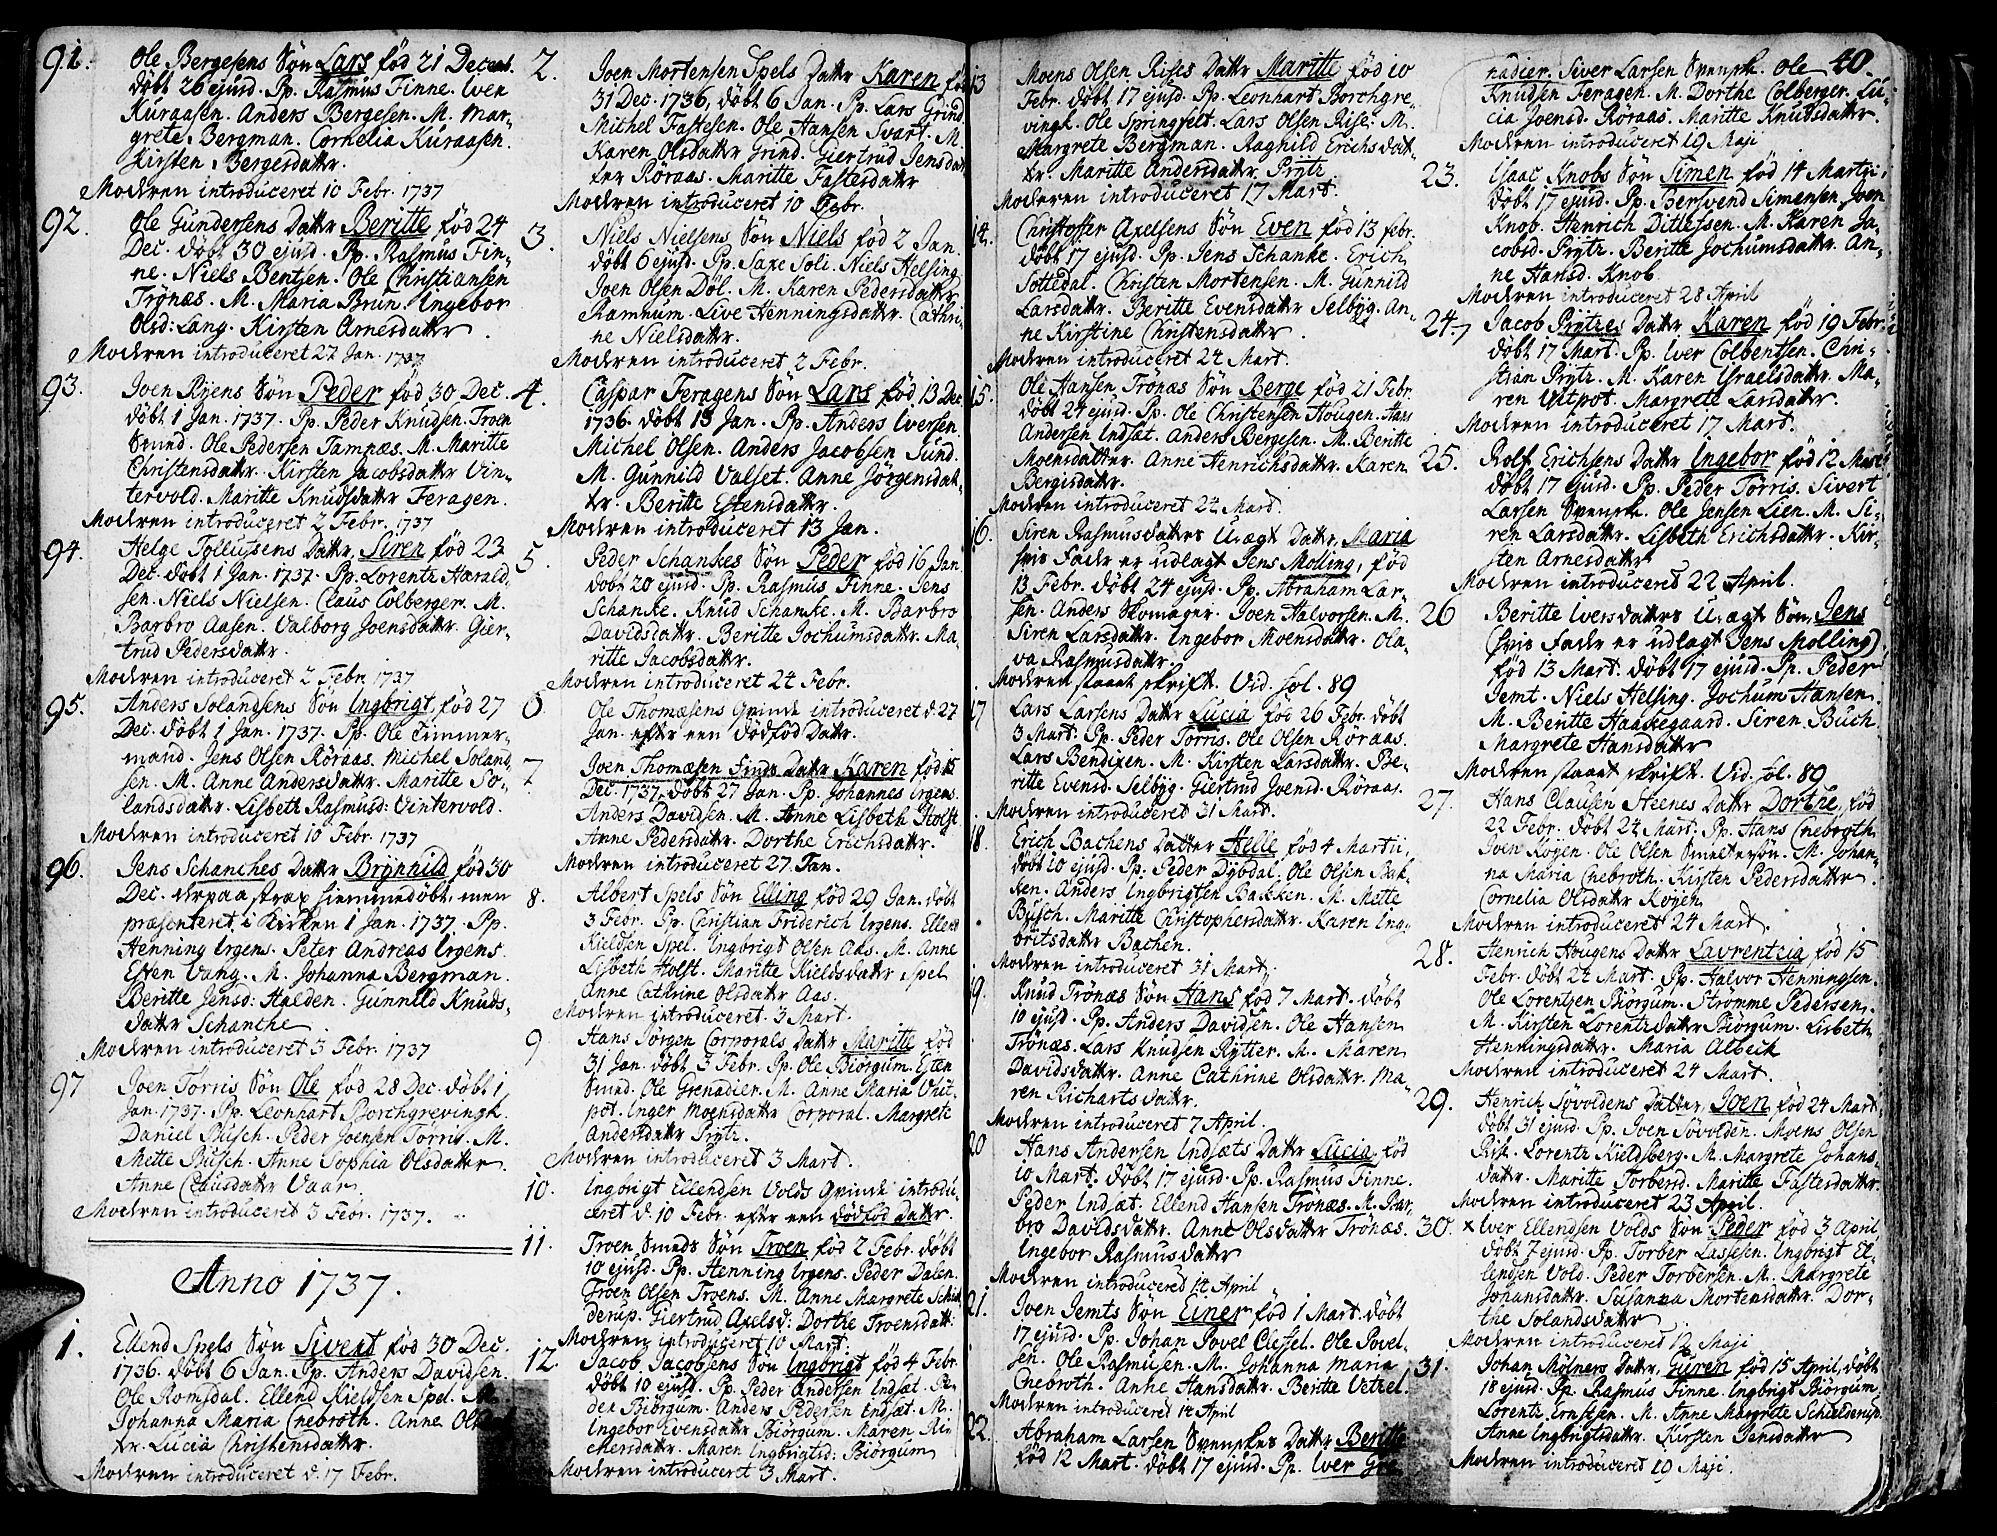 SAT, Ministerialprotokoller, klokkerbøker og fødselsregistre - Sør-Trøndelag, 681/L0925: Ministerialbok nr. 681A03, 1727-1766, s. 40